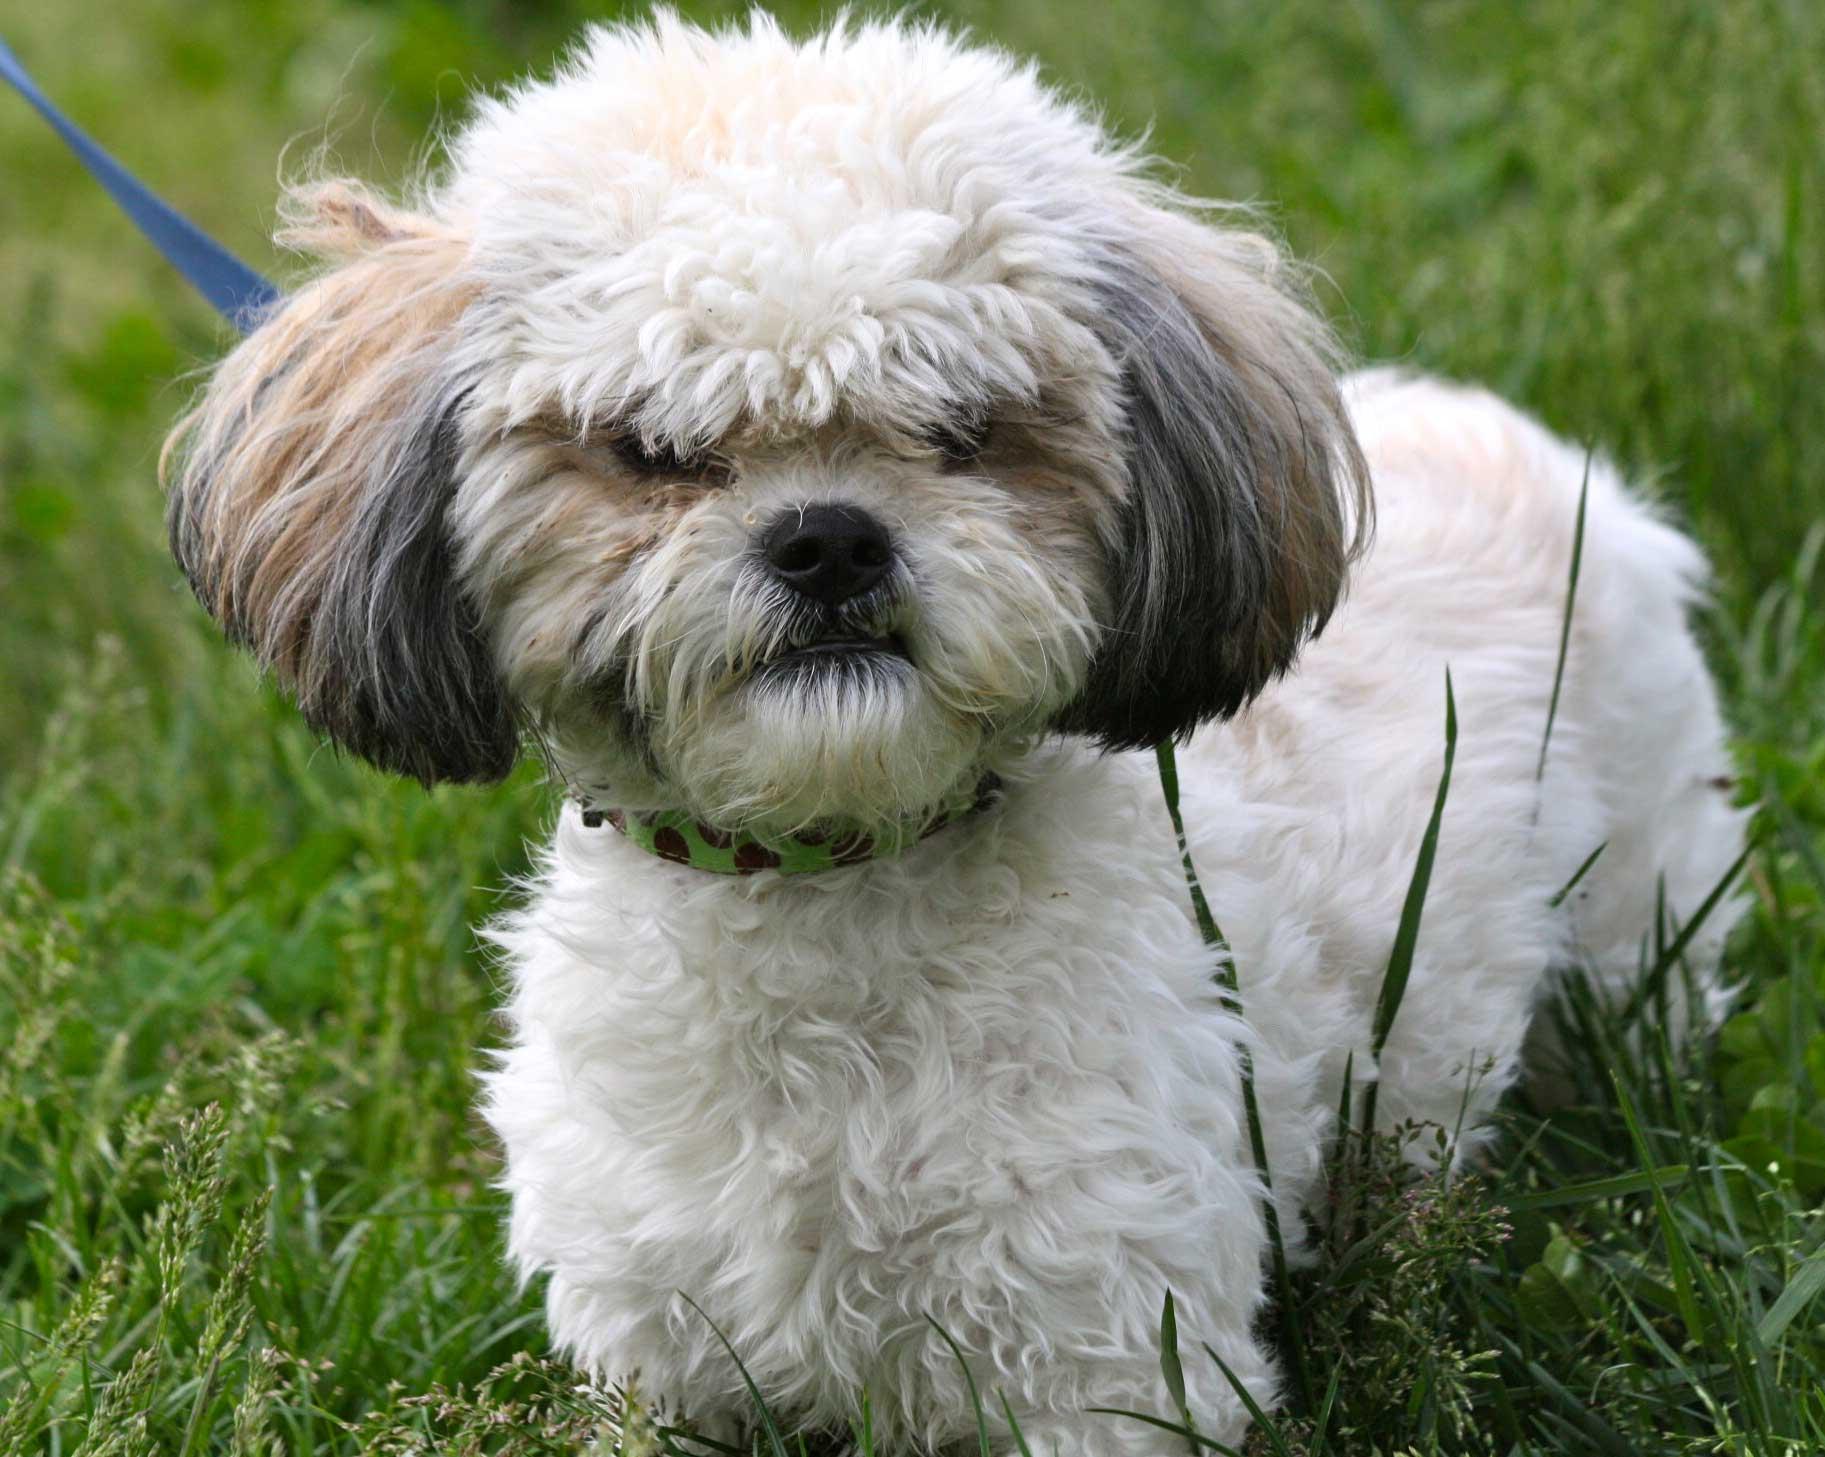 cute little shih tzu dog in lawn